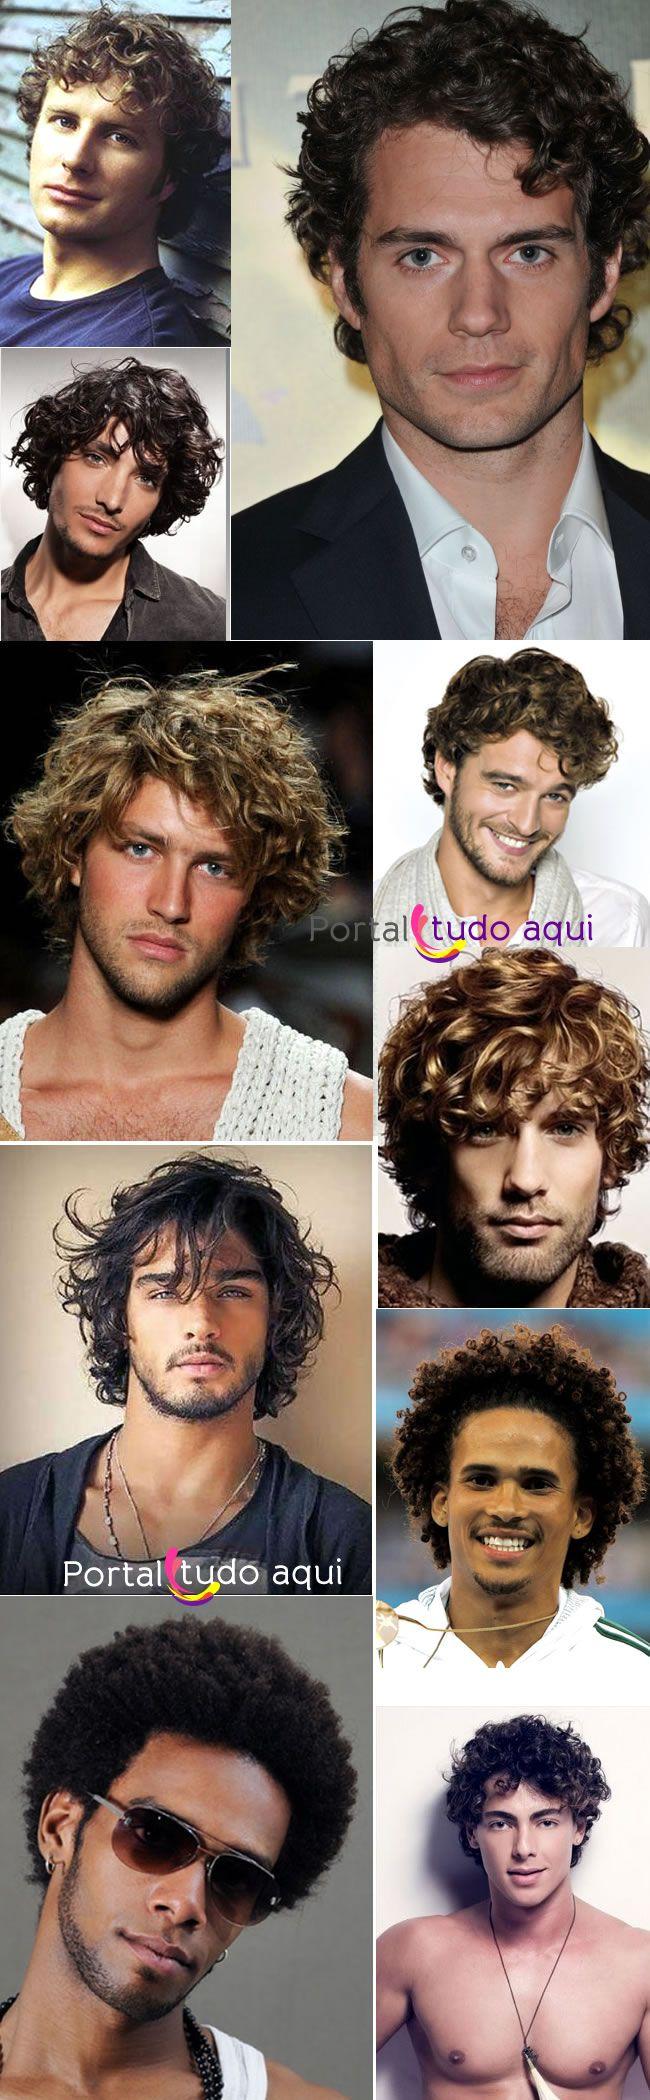 Os 6 melhores cortes de cabelo encaracolados para homens | Portal Tudo Aqui